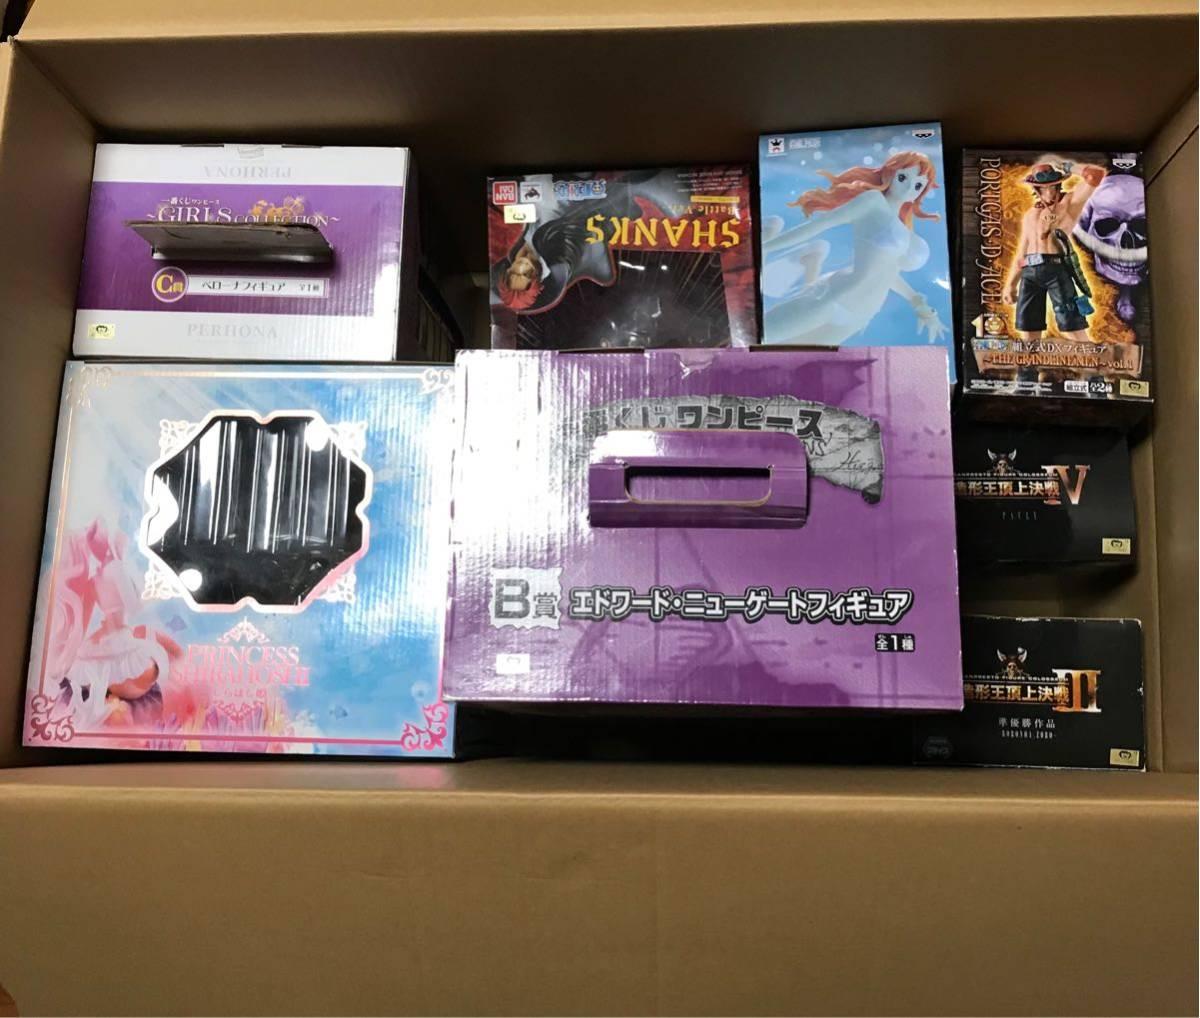 【空箱】ワンピース フィギュア 12箱 まとめ 造形 一番くじ フィギュアーツ P.O.P 他 検 ONE PIECE POP_画像2